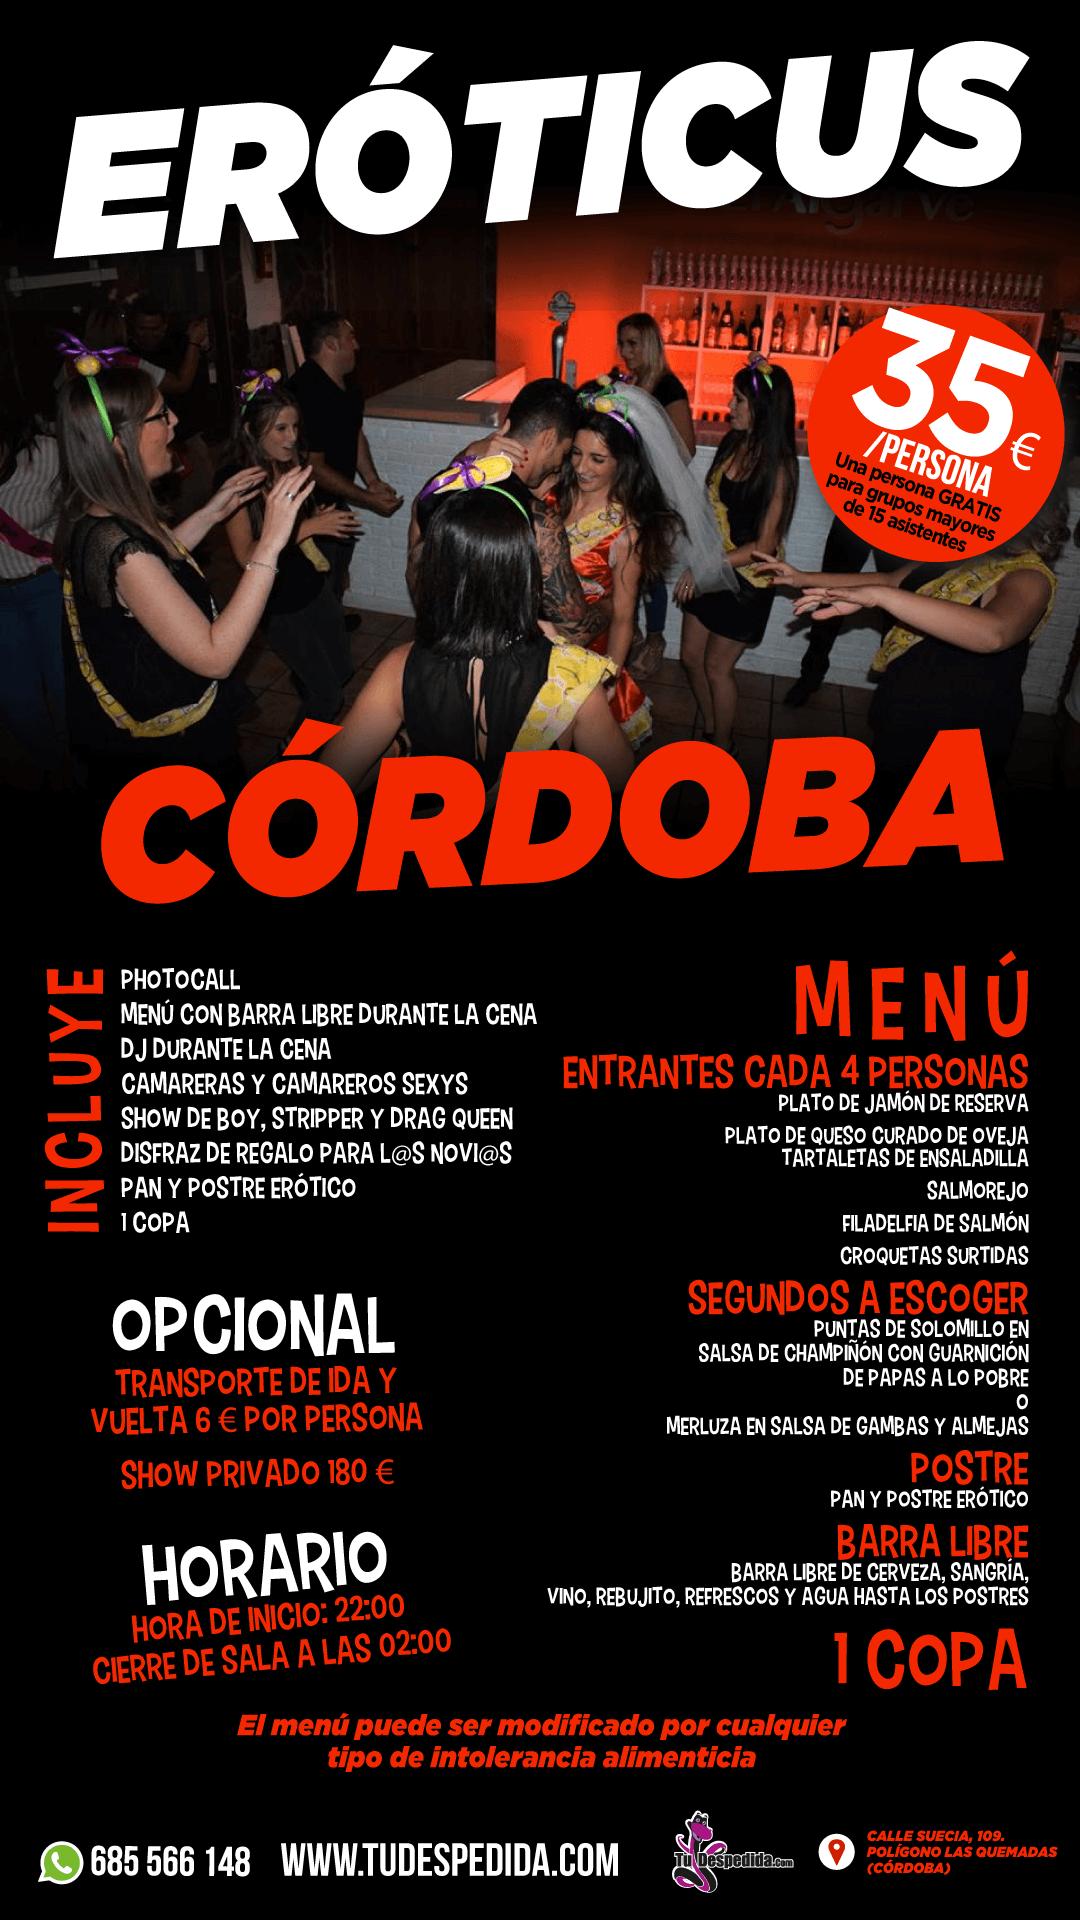 Eroticus Córdoba